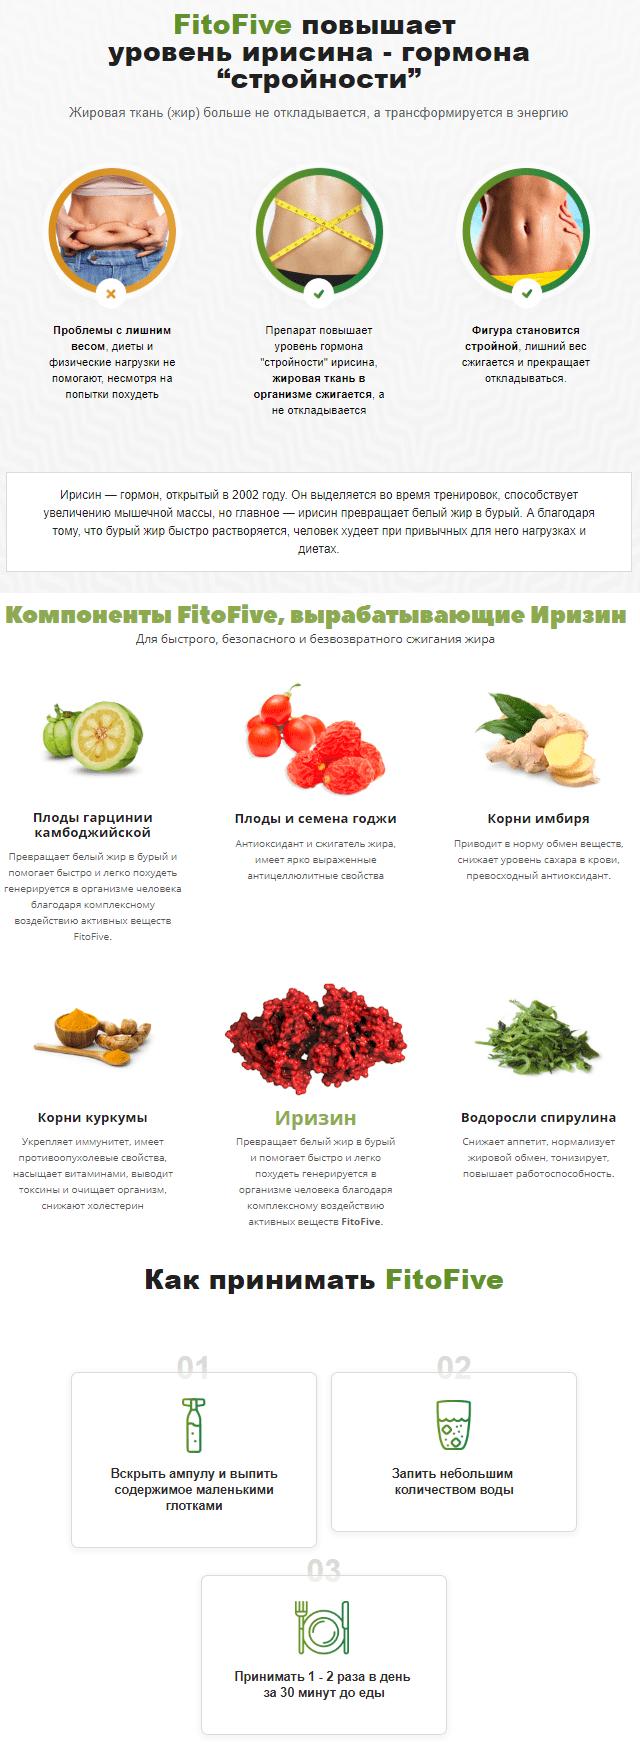 Ампулы FitoFive (ФитоФайв) для похудения